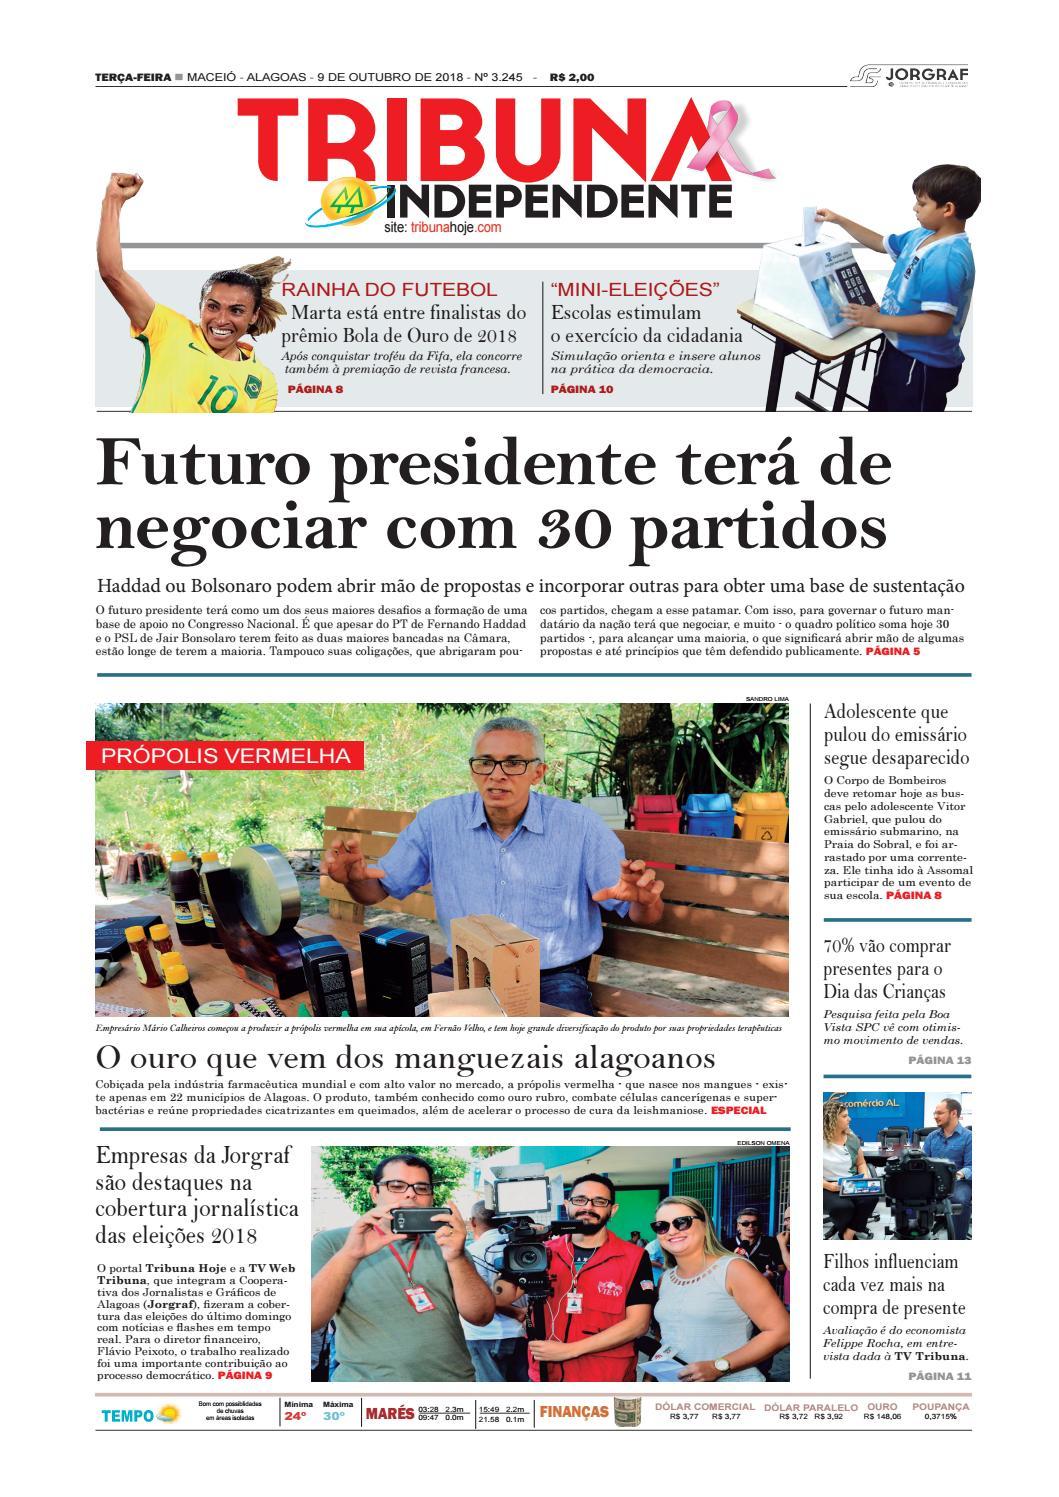 83a17fecd3 Edição número 3245 - 9 de outubro de 2018 by Tribuna Hoje - issuu